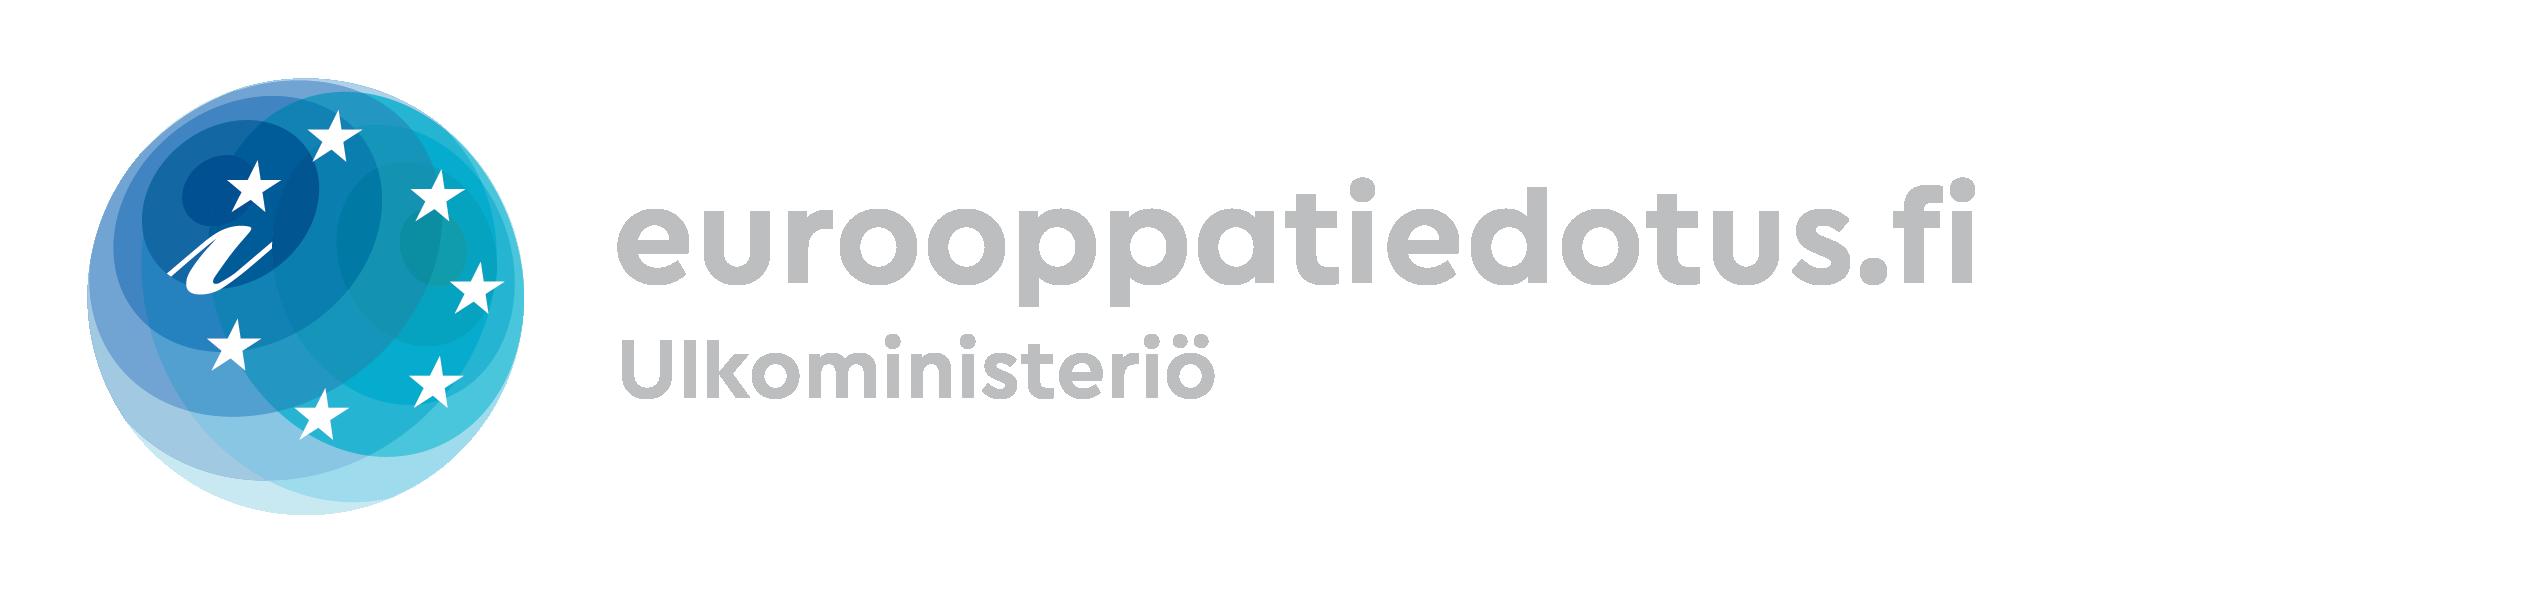 Eurooppatiedotus